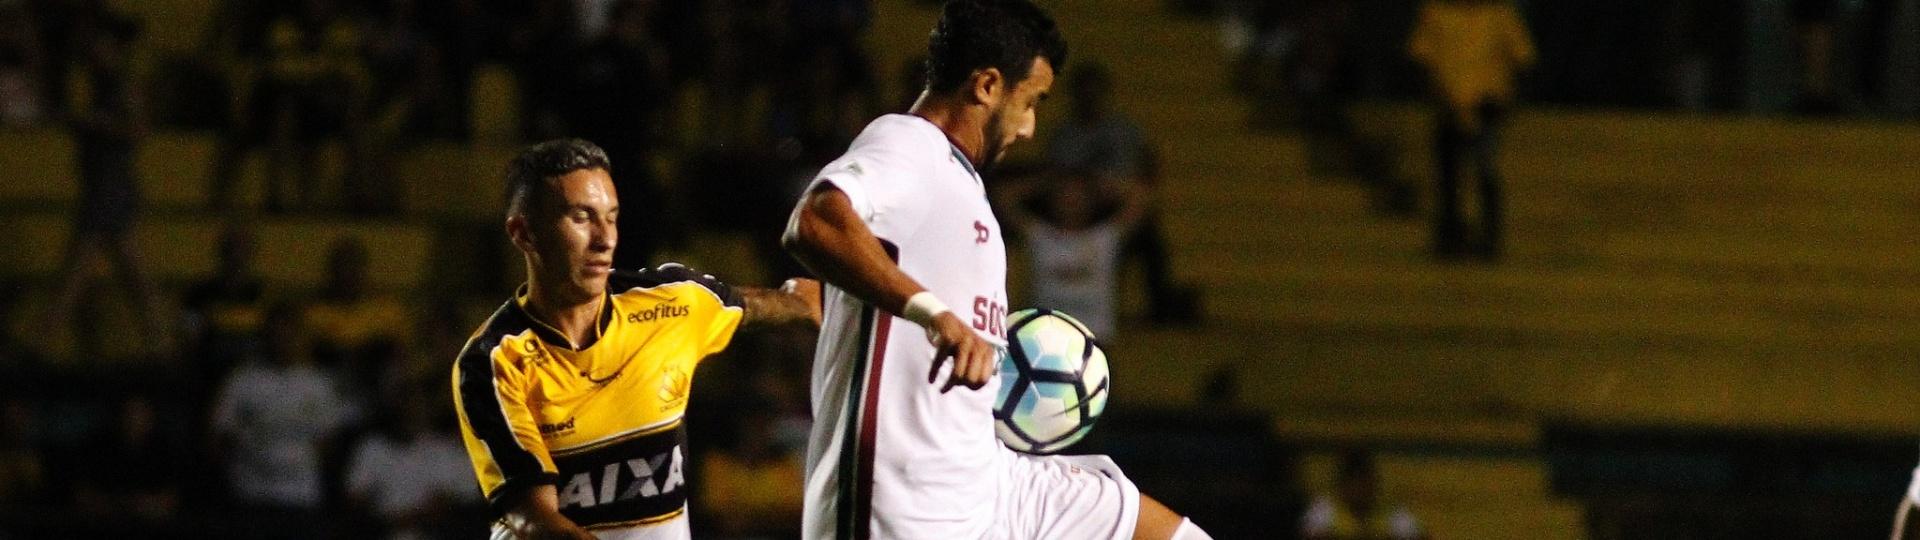 Henrique Dourado tenta escapar de marcador do Criciúma